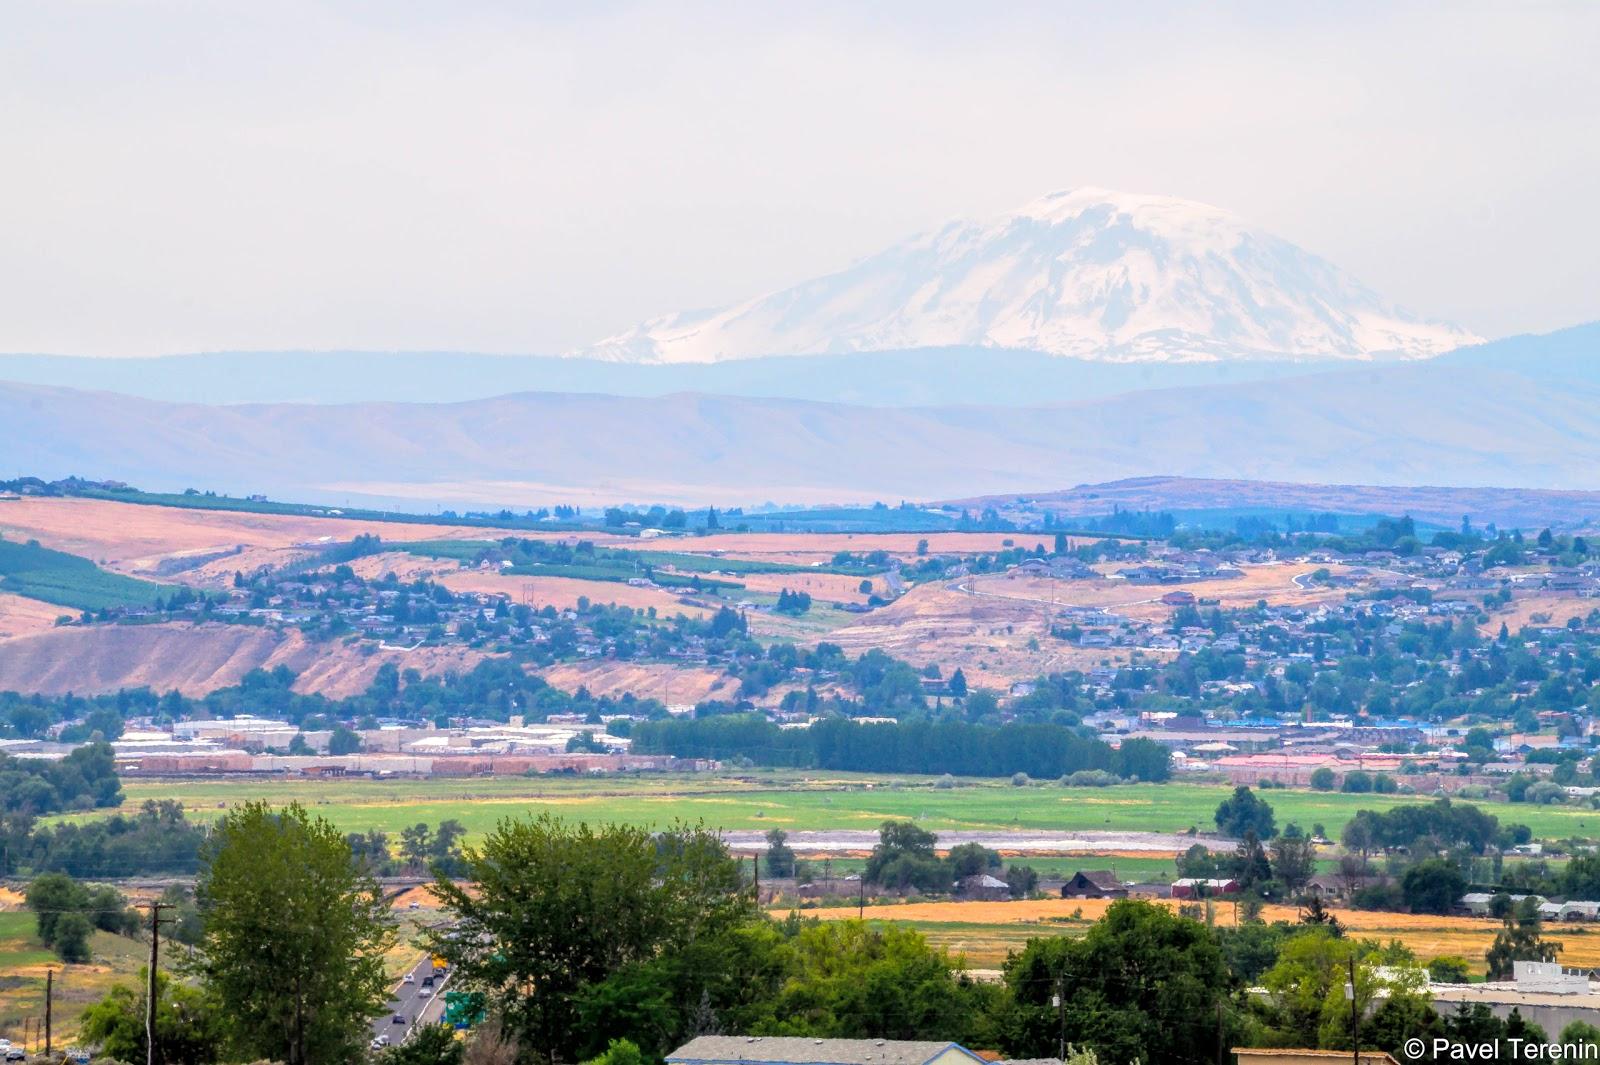 С этой зоны отдыха можно расмотреть белеющую сквозь густую голубую дымку вершину горы Рейнир, спящего вулкана высотой 4392м